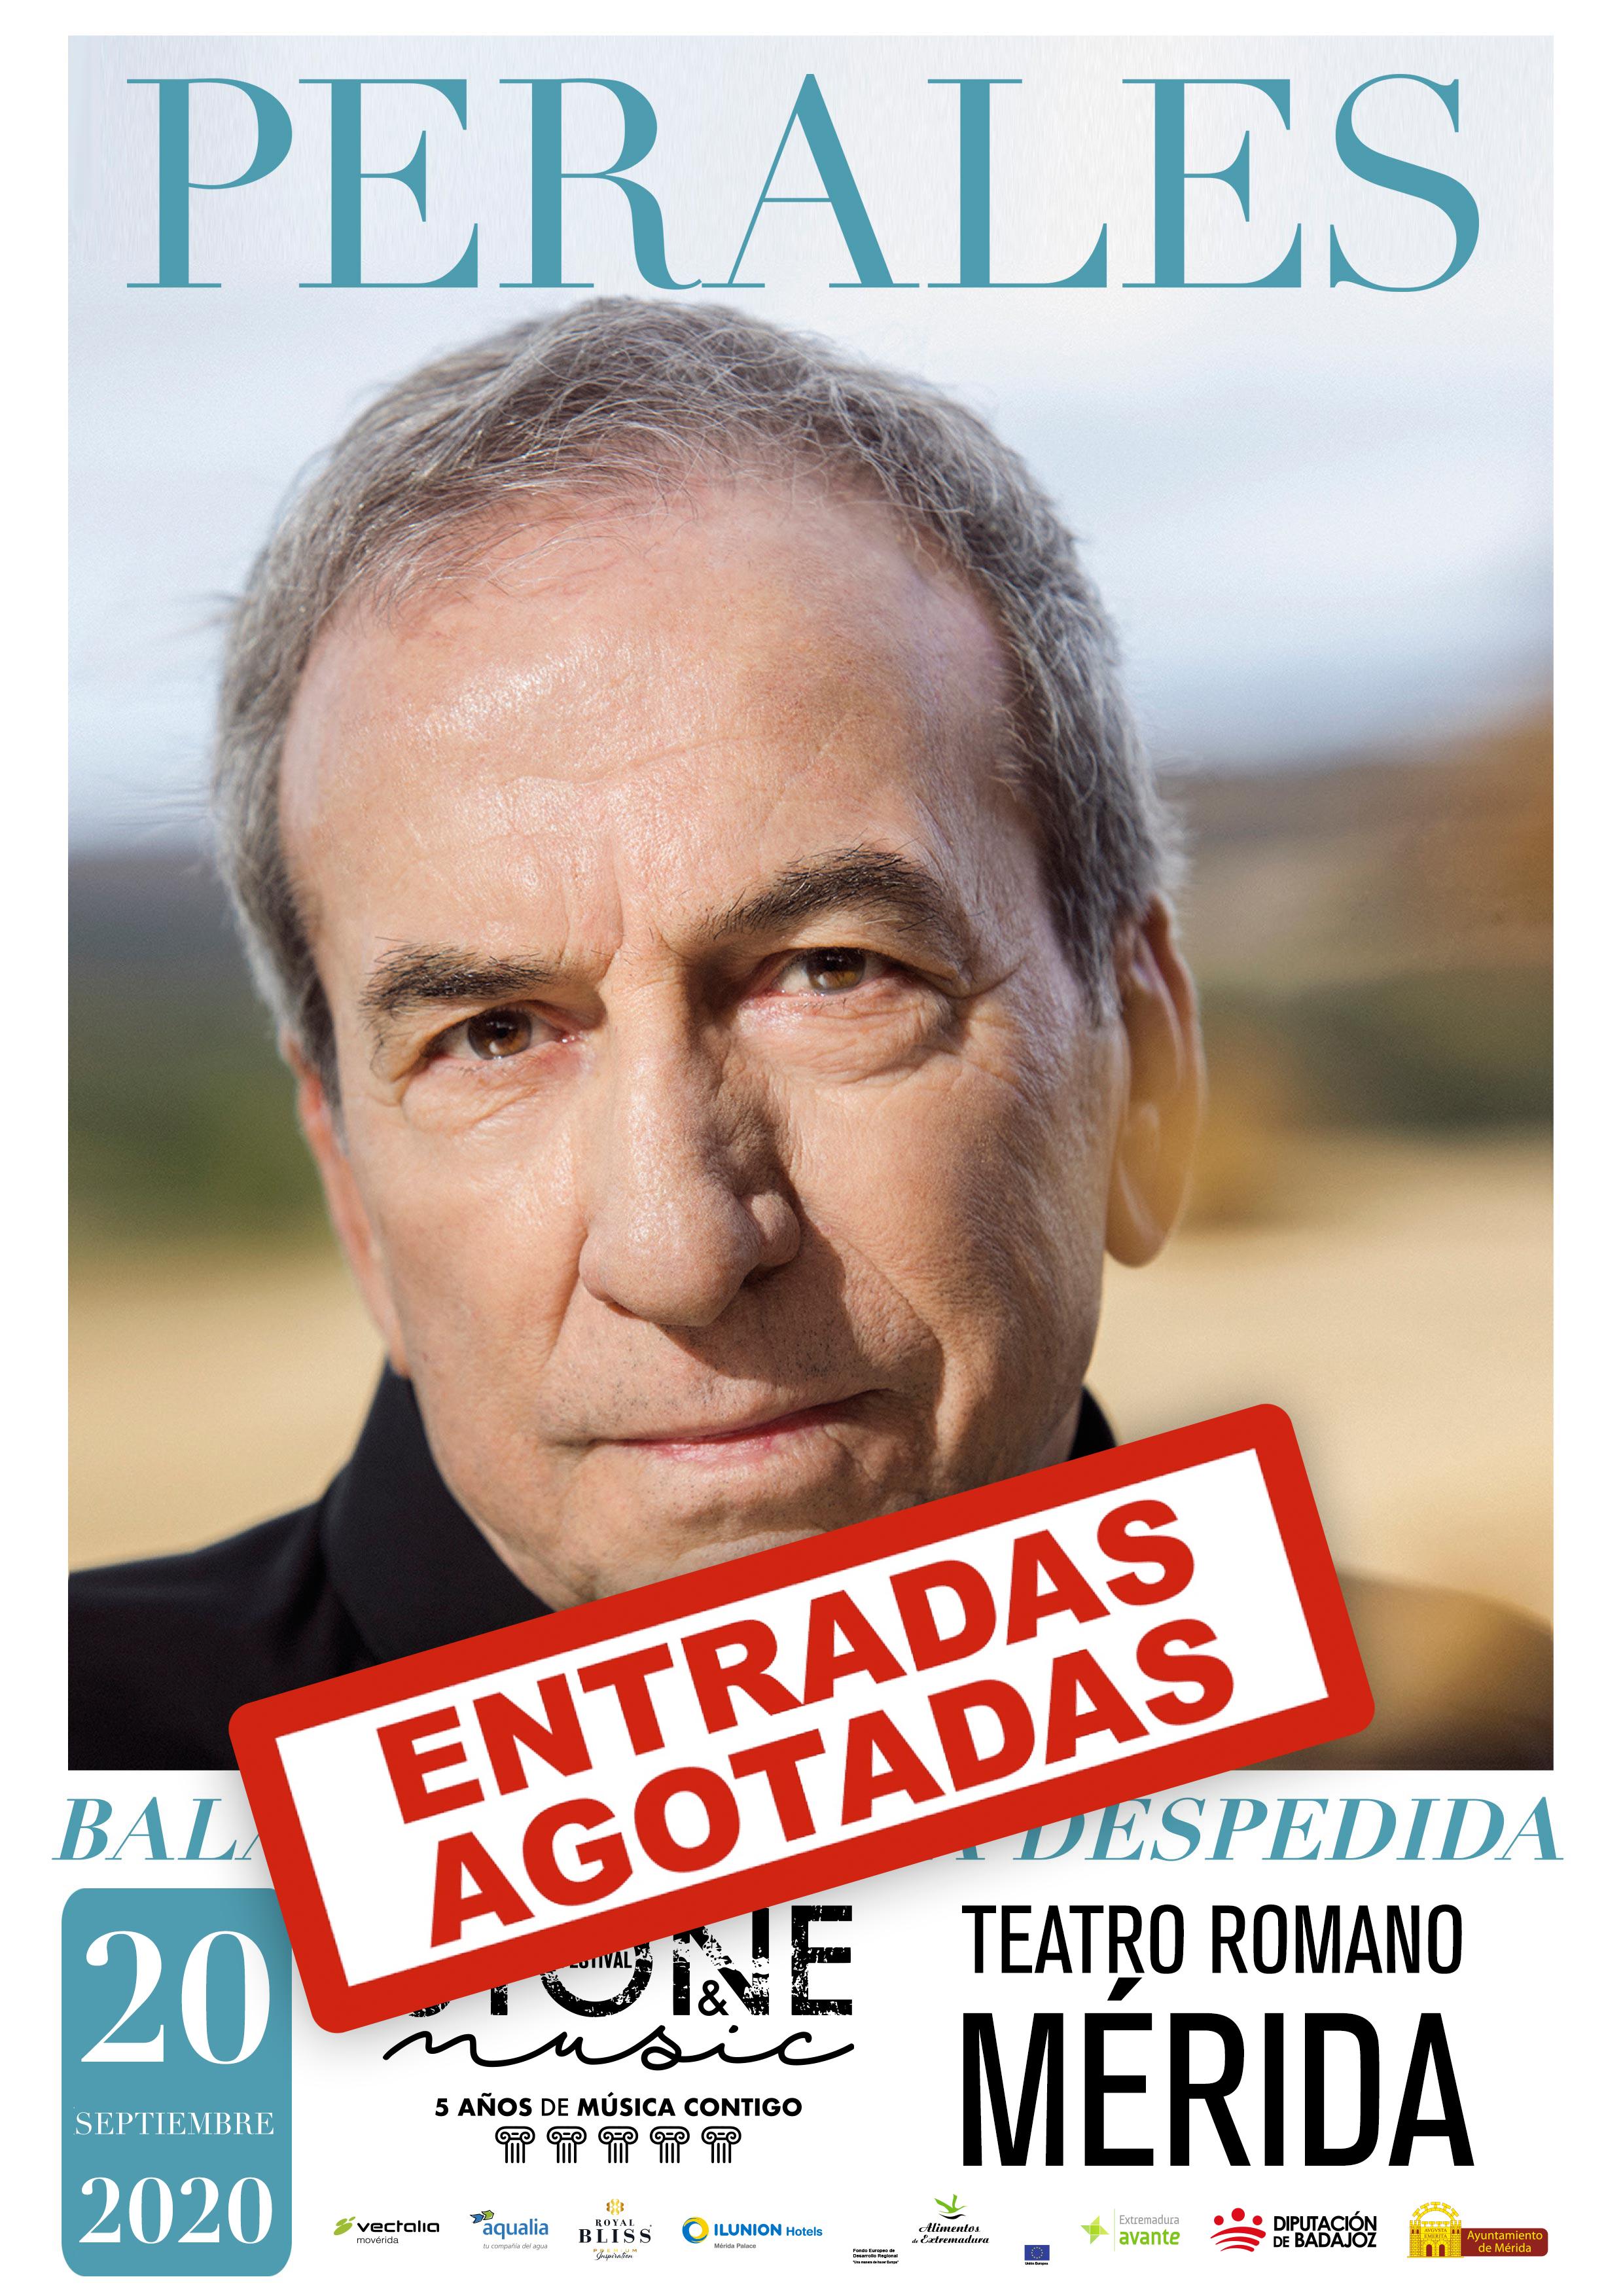 PERALES_ENTRADAS_AGOTADAS